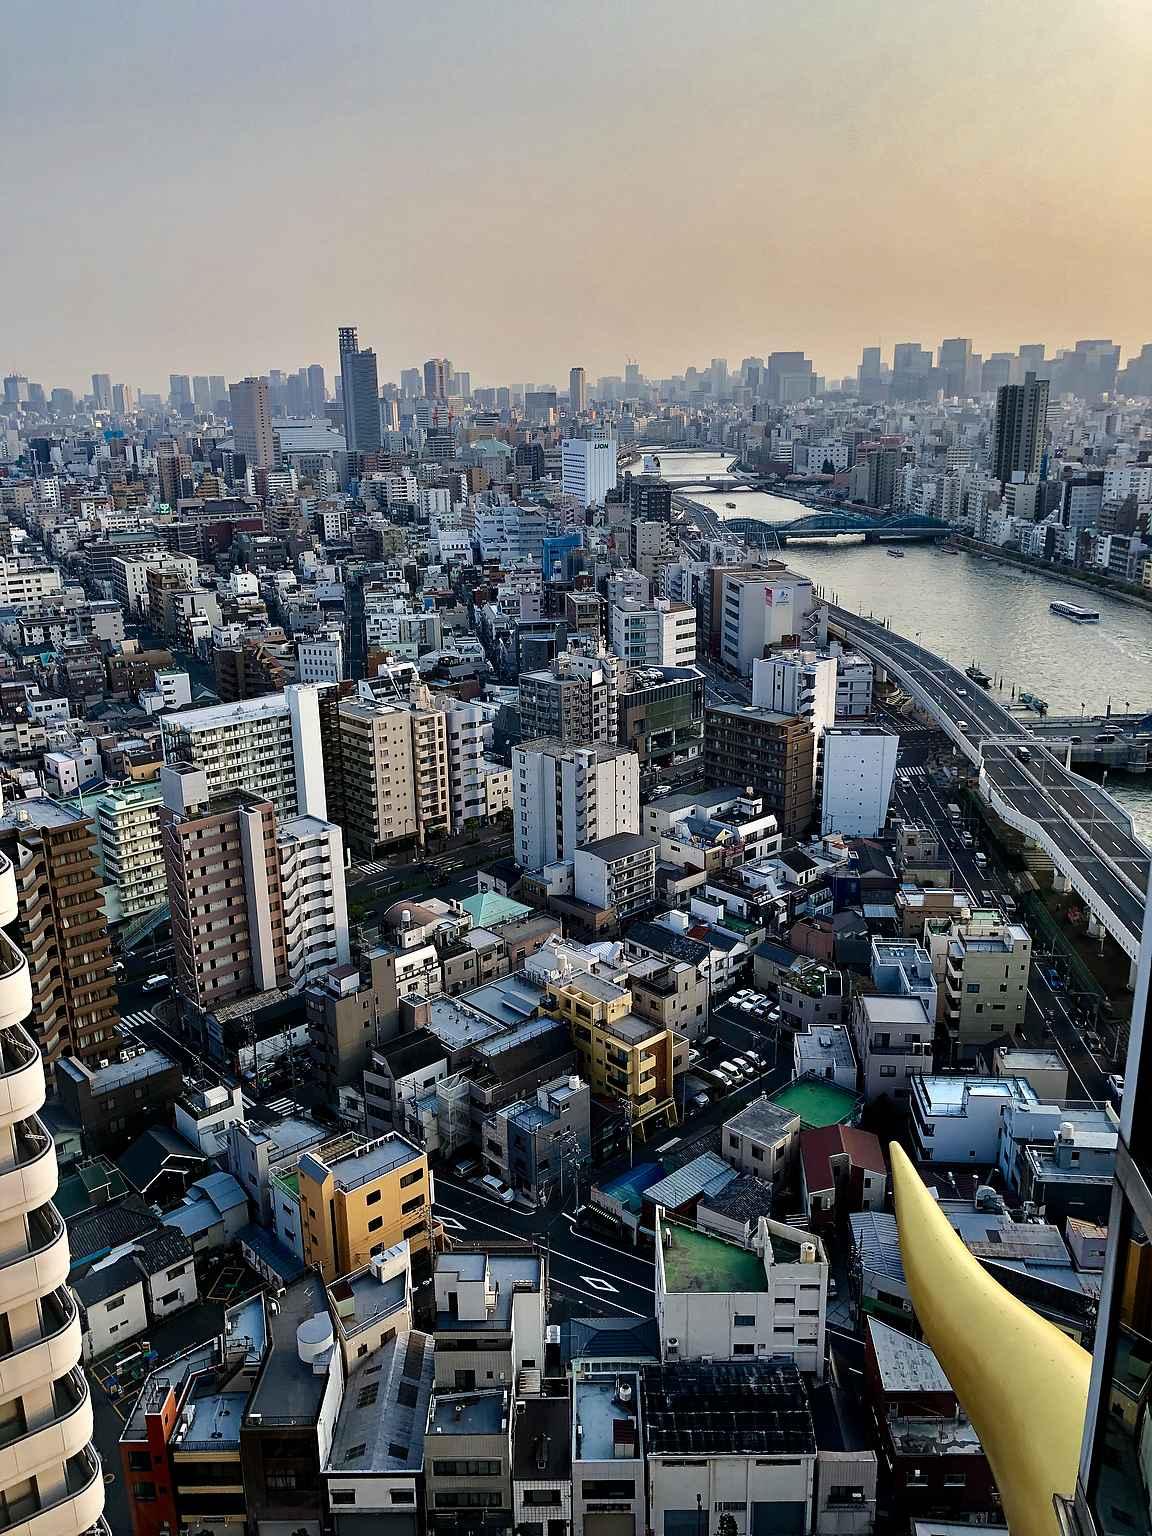 Asahin maisteluravintolasta avautuu hulppeat näkymät Tokioon.